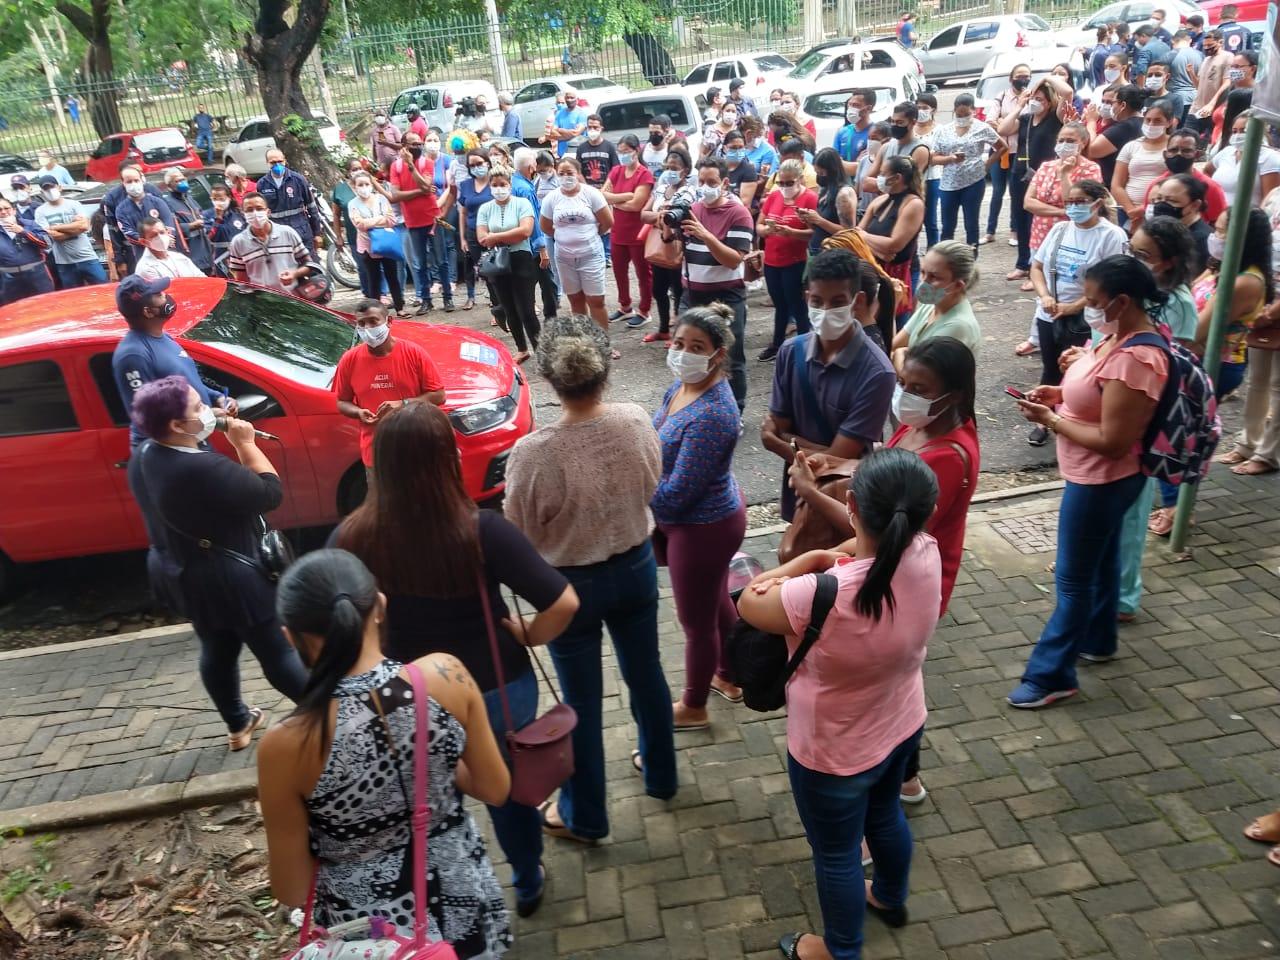 Protesto de profissionais de saúde em frente à Prefeitura de Teresina (Foto: Reprodução/ WhatsApp)